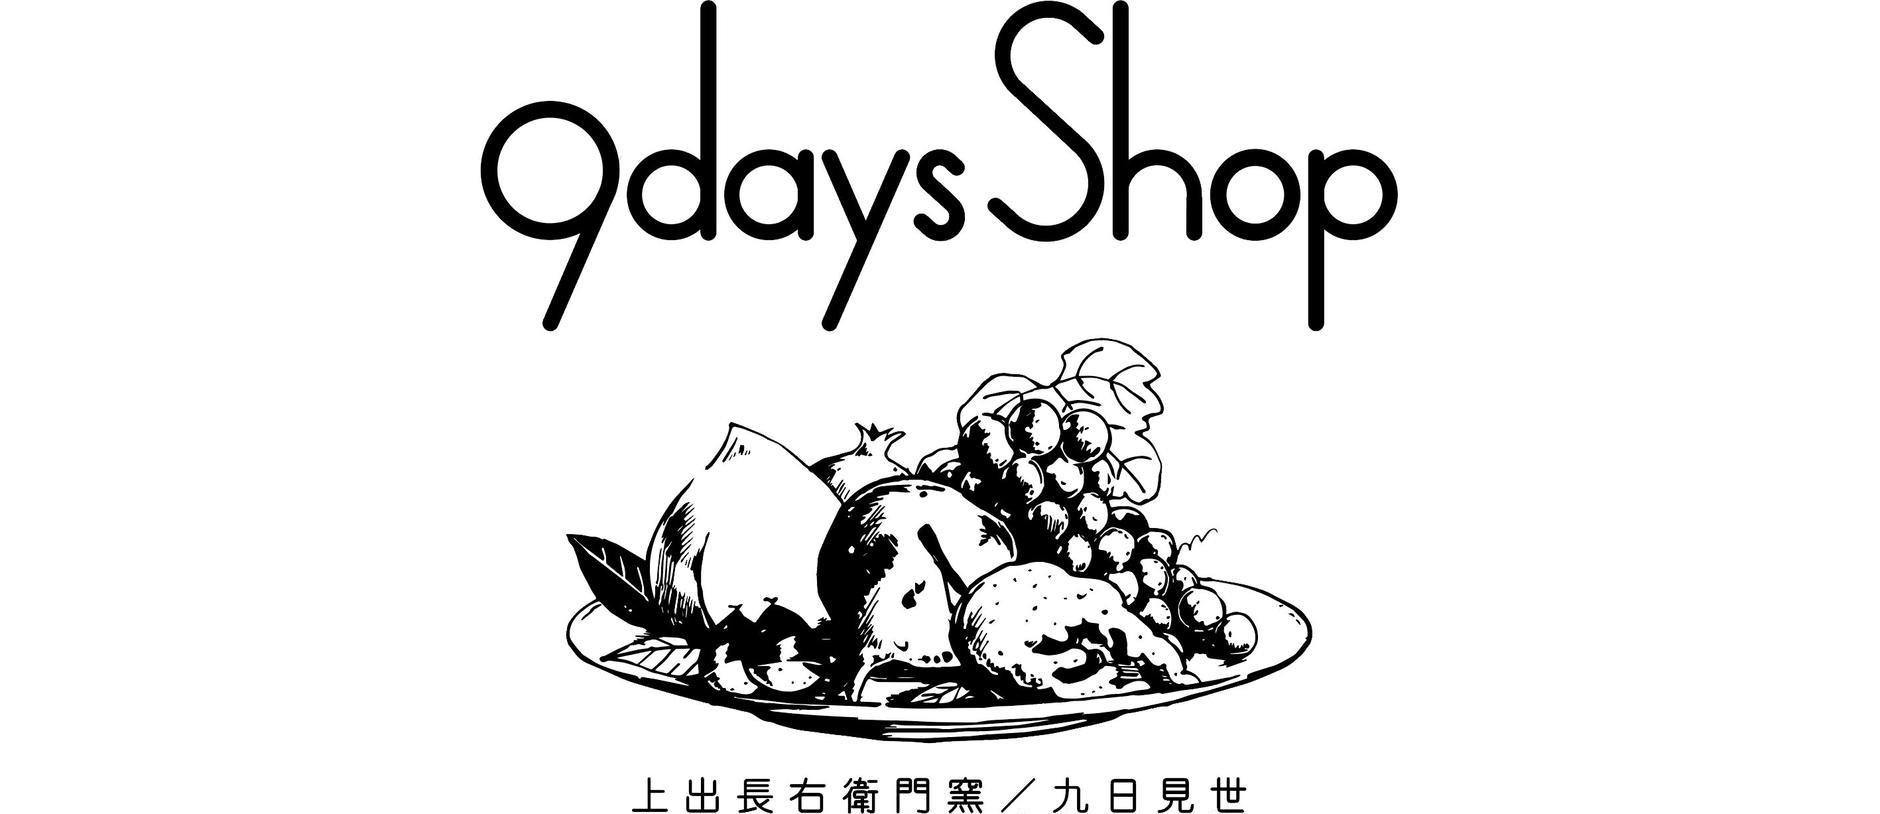 上出長右衛門窯 9days Shop